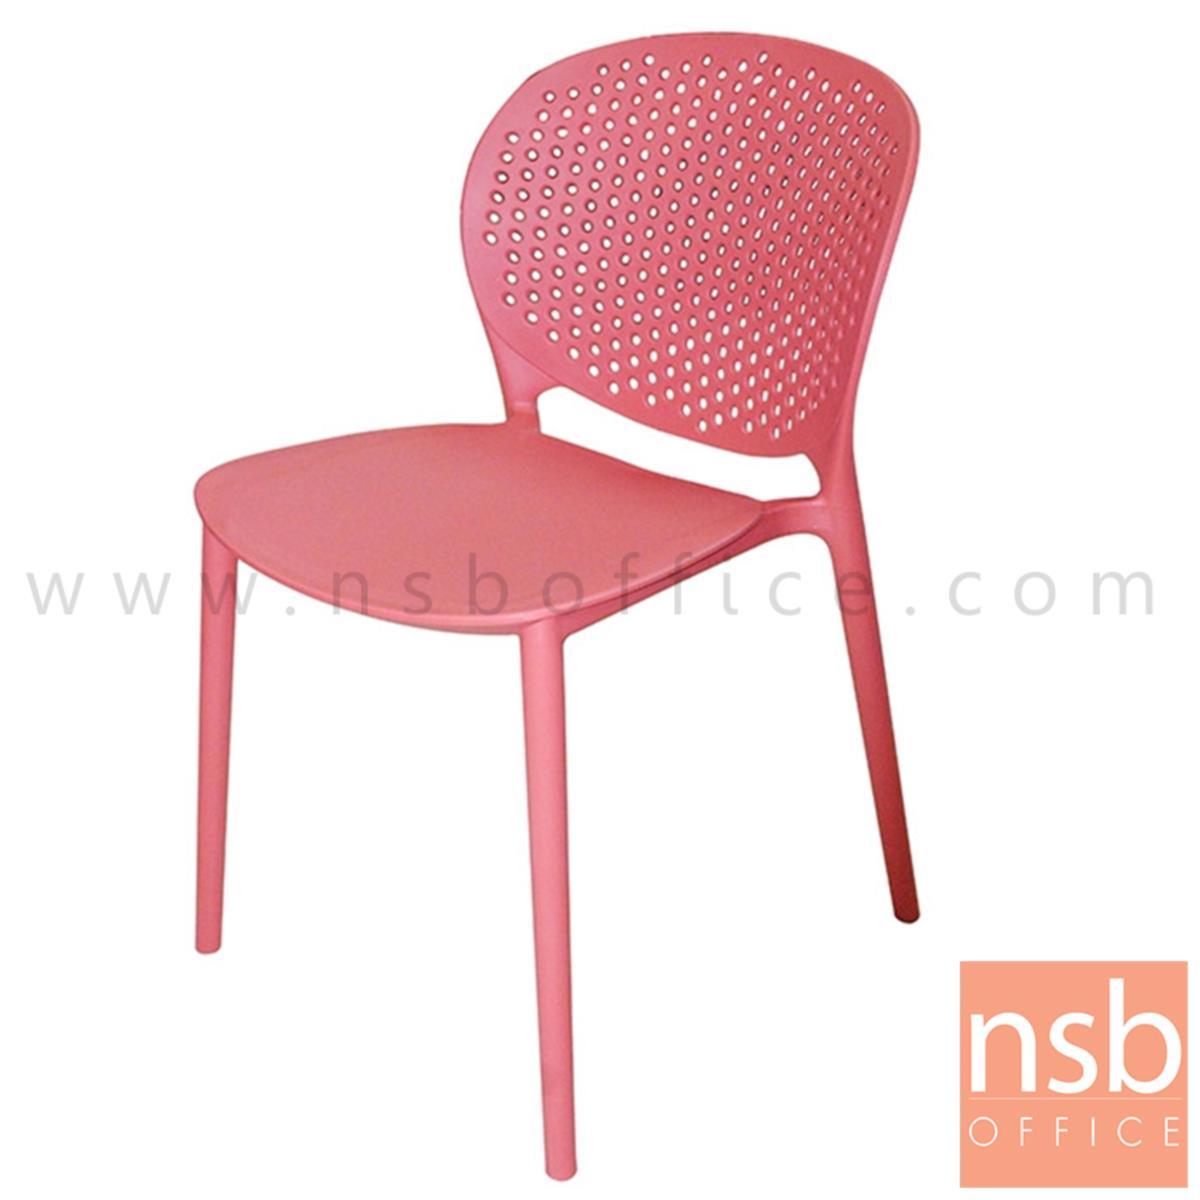 B29A220:เก้าอี้โมเดิร์นพลาสติกโพลี่(PP) รุ่น Regan (เรแกน) ขนาด 55W cm.